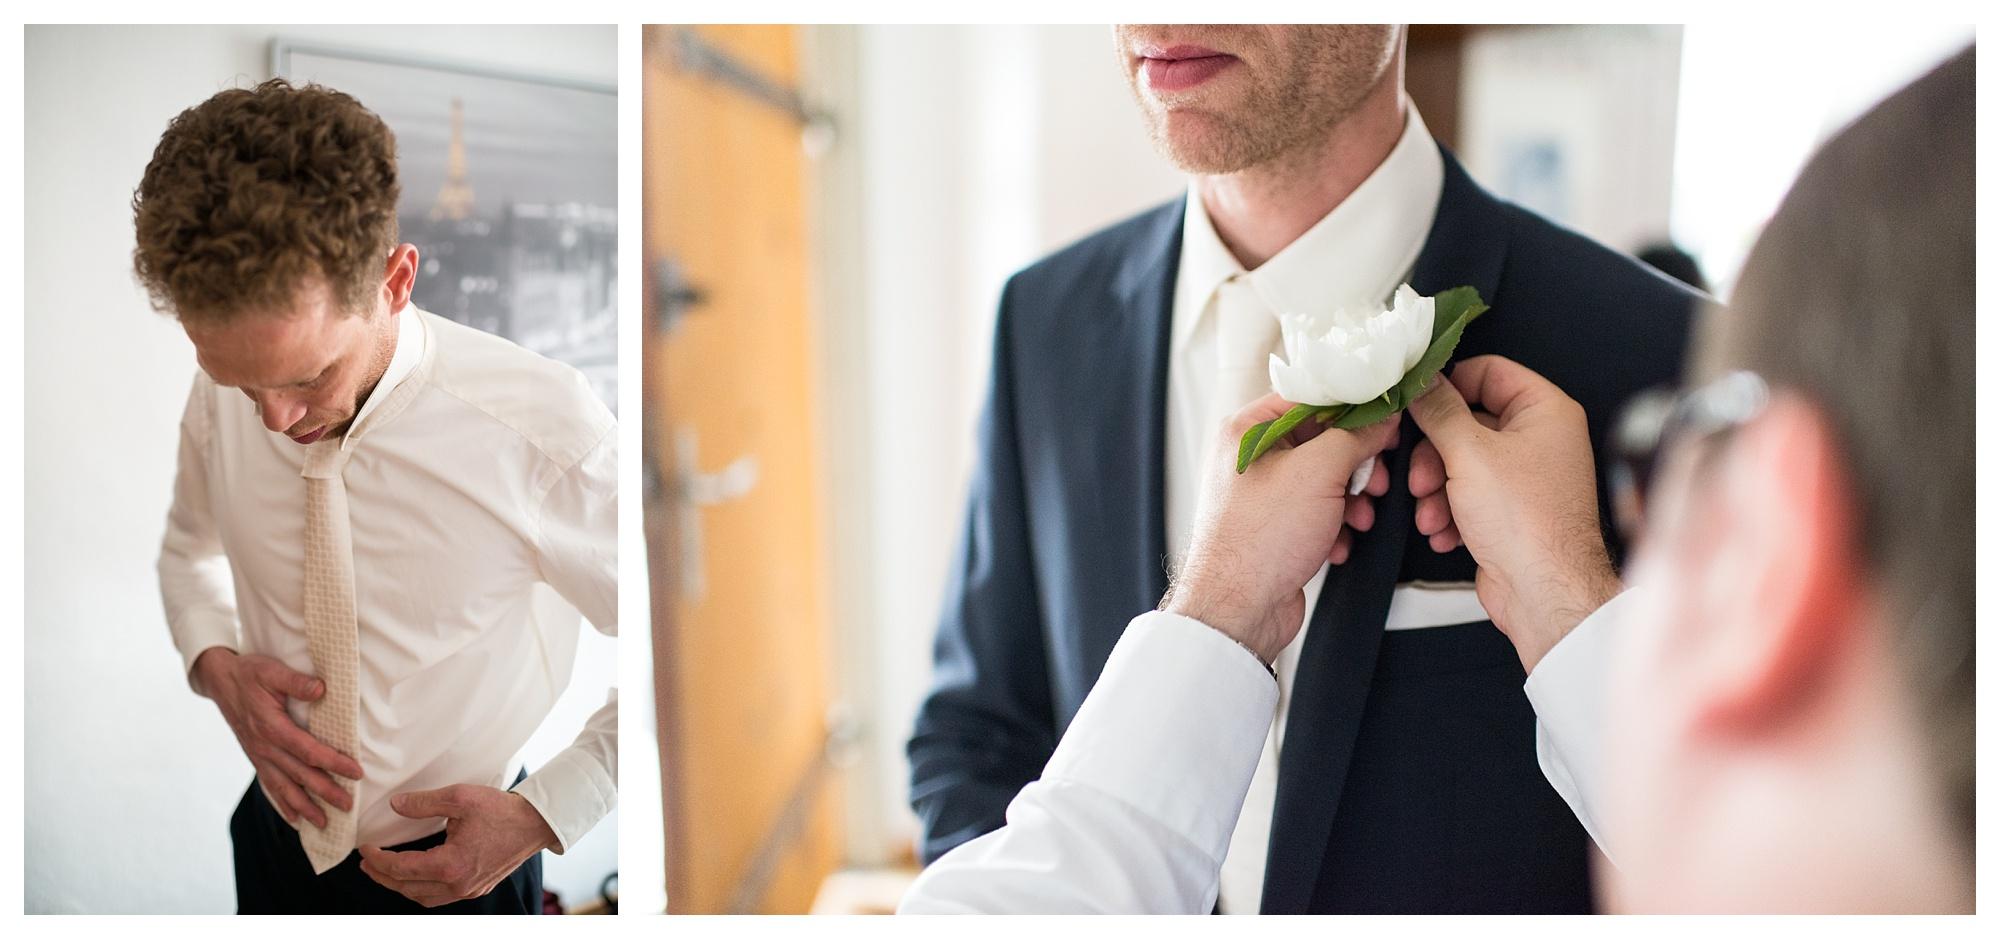 Fotograf Konstanz - Hochzeit Tanja Elmar Elmar Feuerbacher Photography Konstanz Messkirch Highlights 013 - Hochzeitsreportage von Tanja und Elmar im Schloss Meßkirch  - 116 -